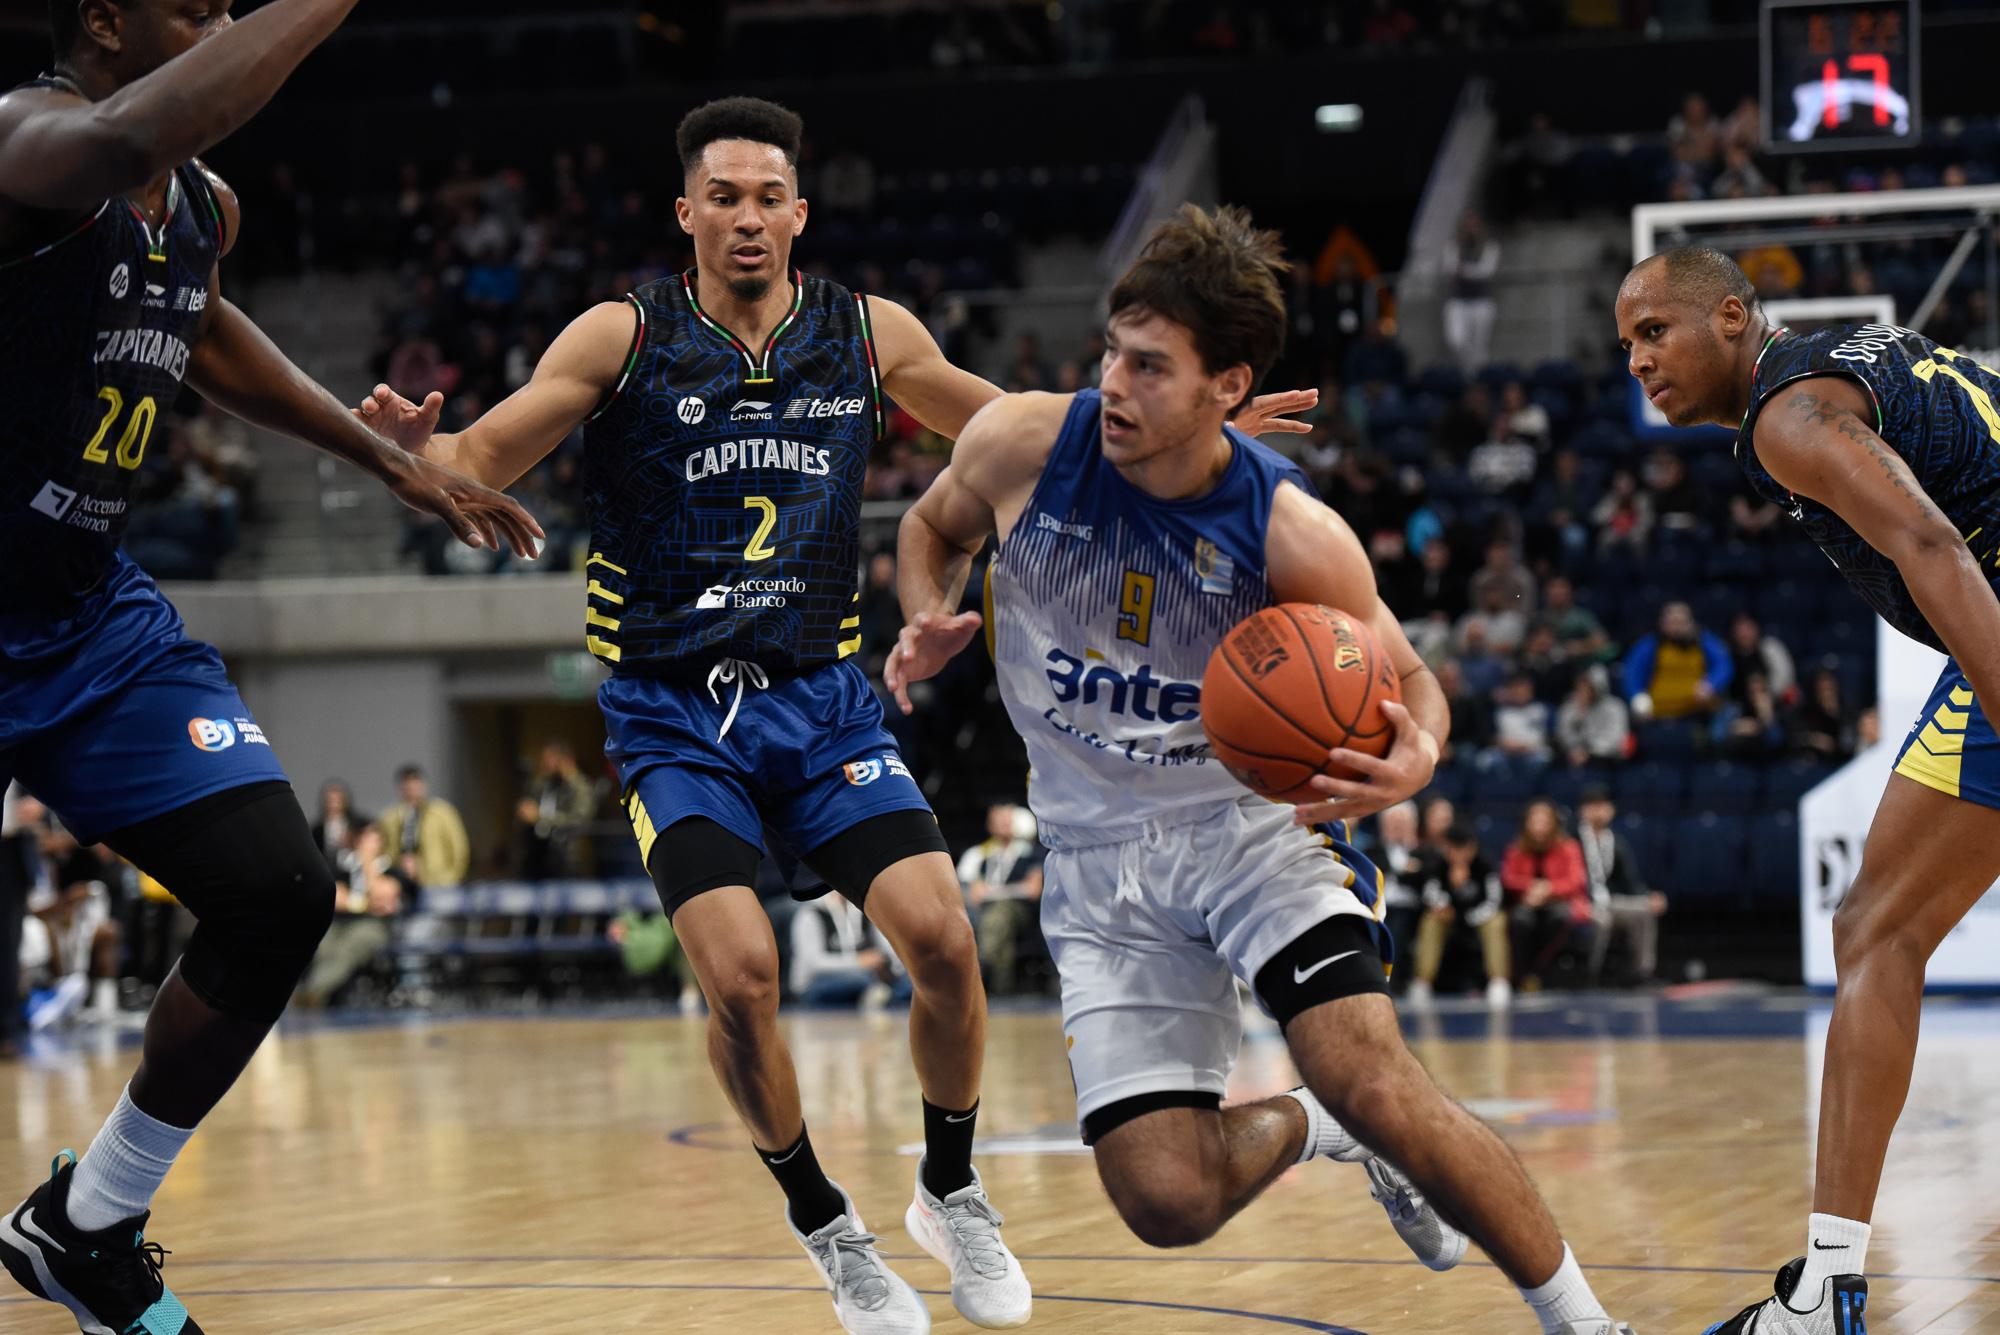 O Uruguai estreou bem no torneio internacional / Foto: NBAE/Marcelo Singer